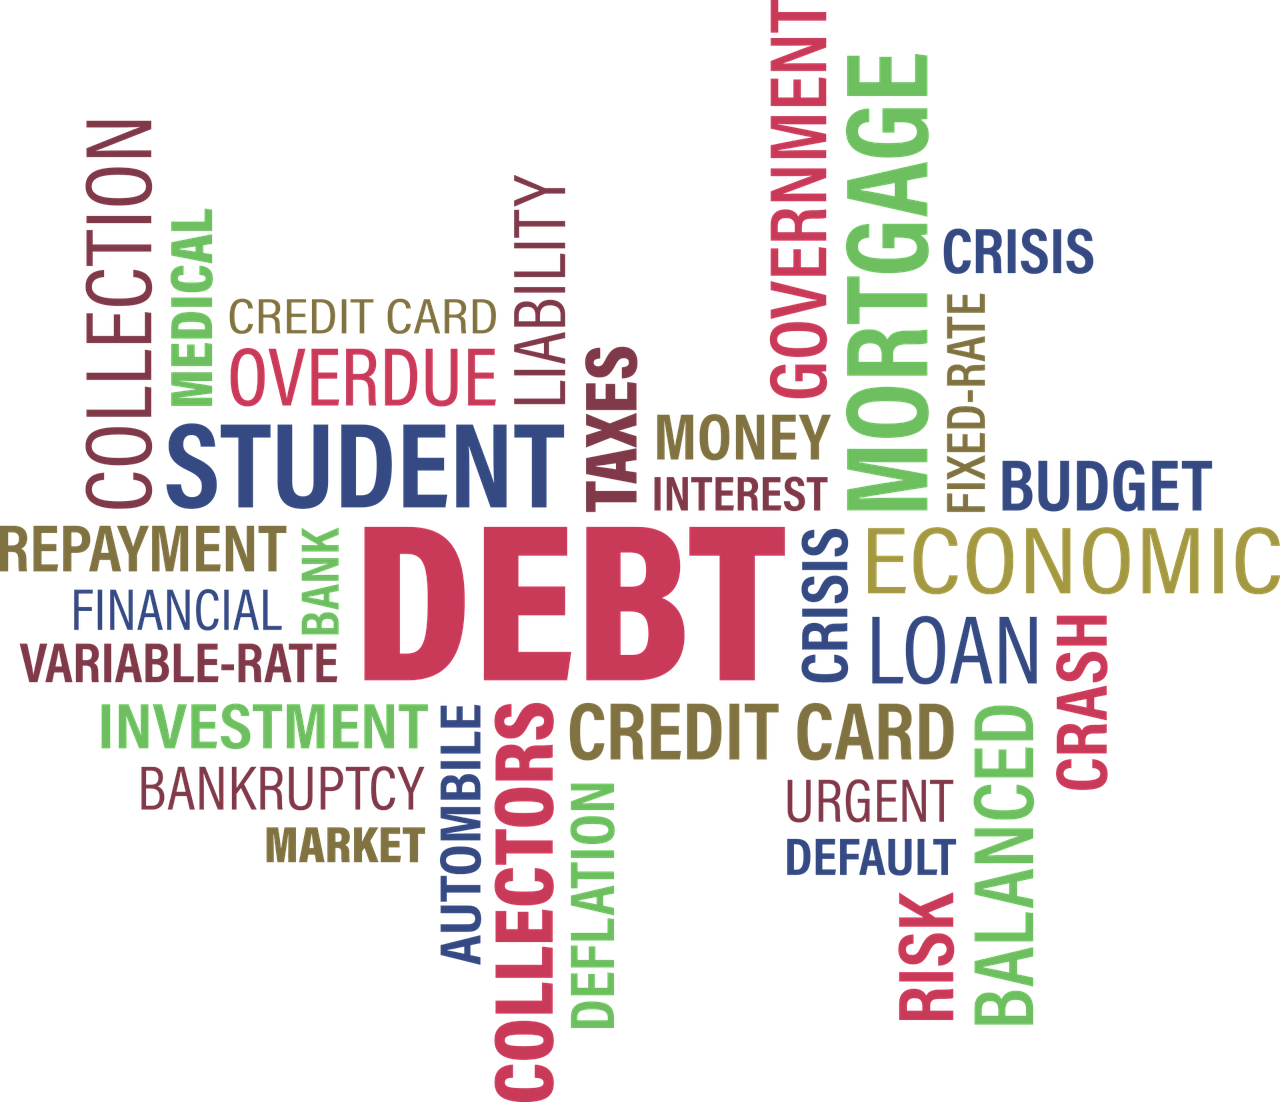 現在の日本の財政事情は、いったいどうなっているのでしょうか?